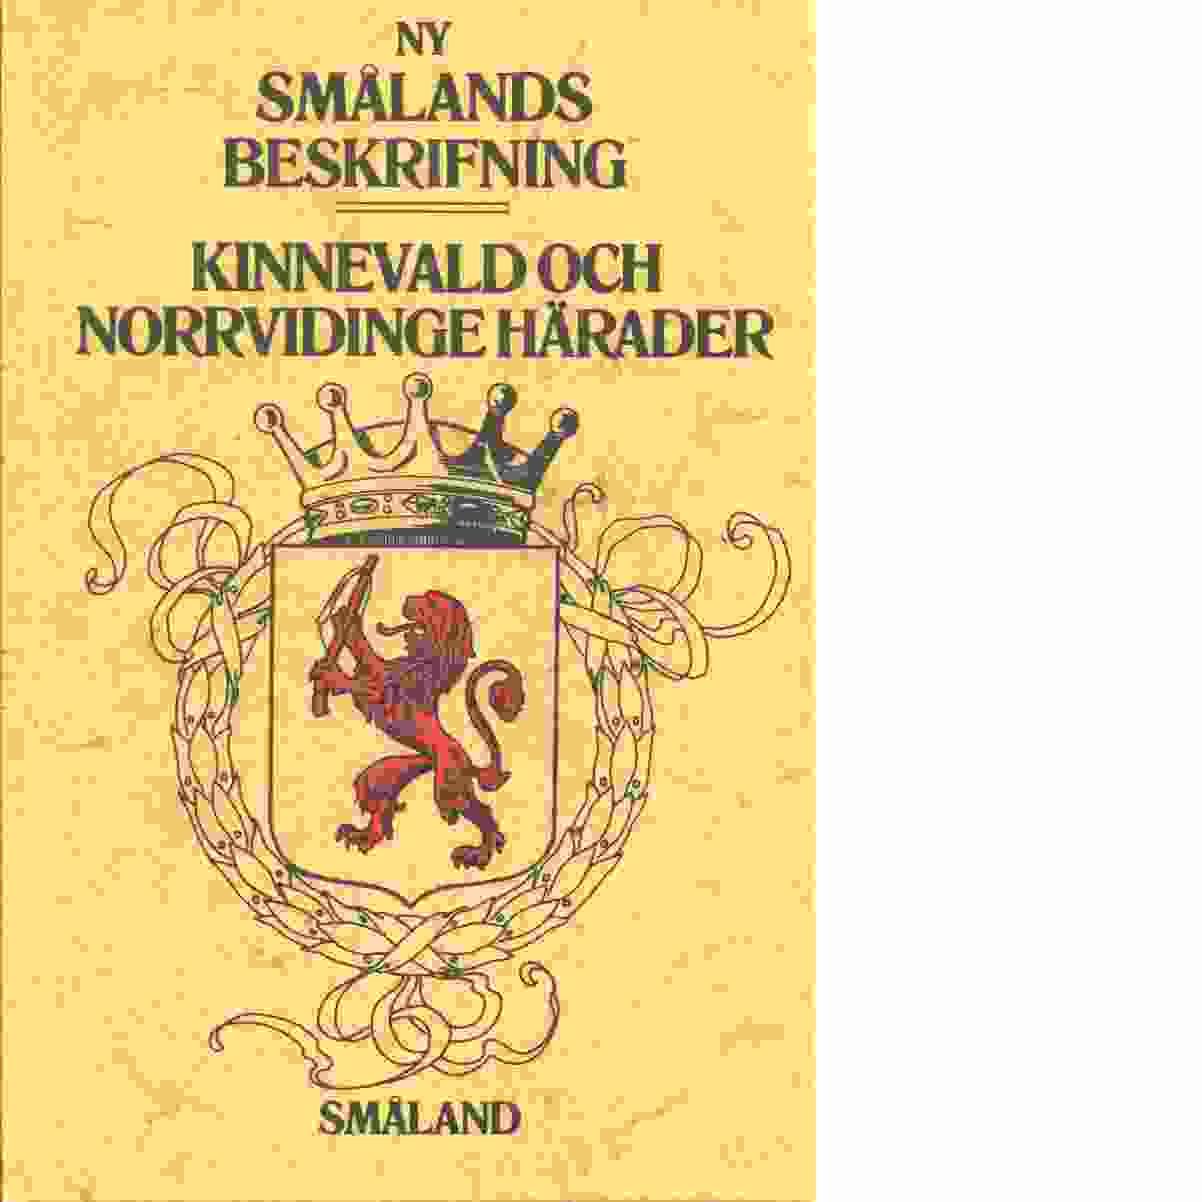 Kinnevald och Norrvidinge härader - Rosengren, Josef